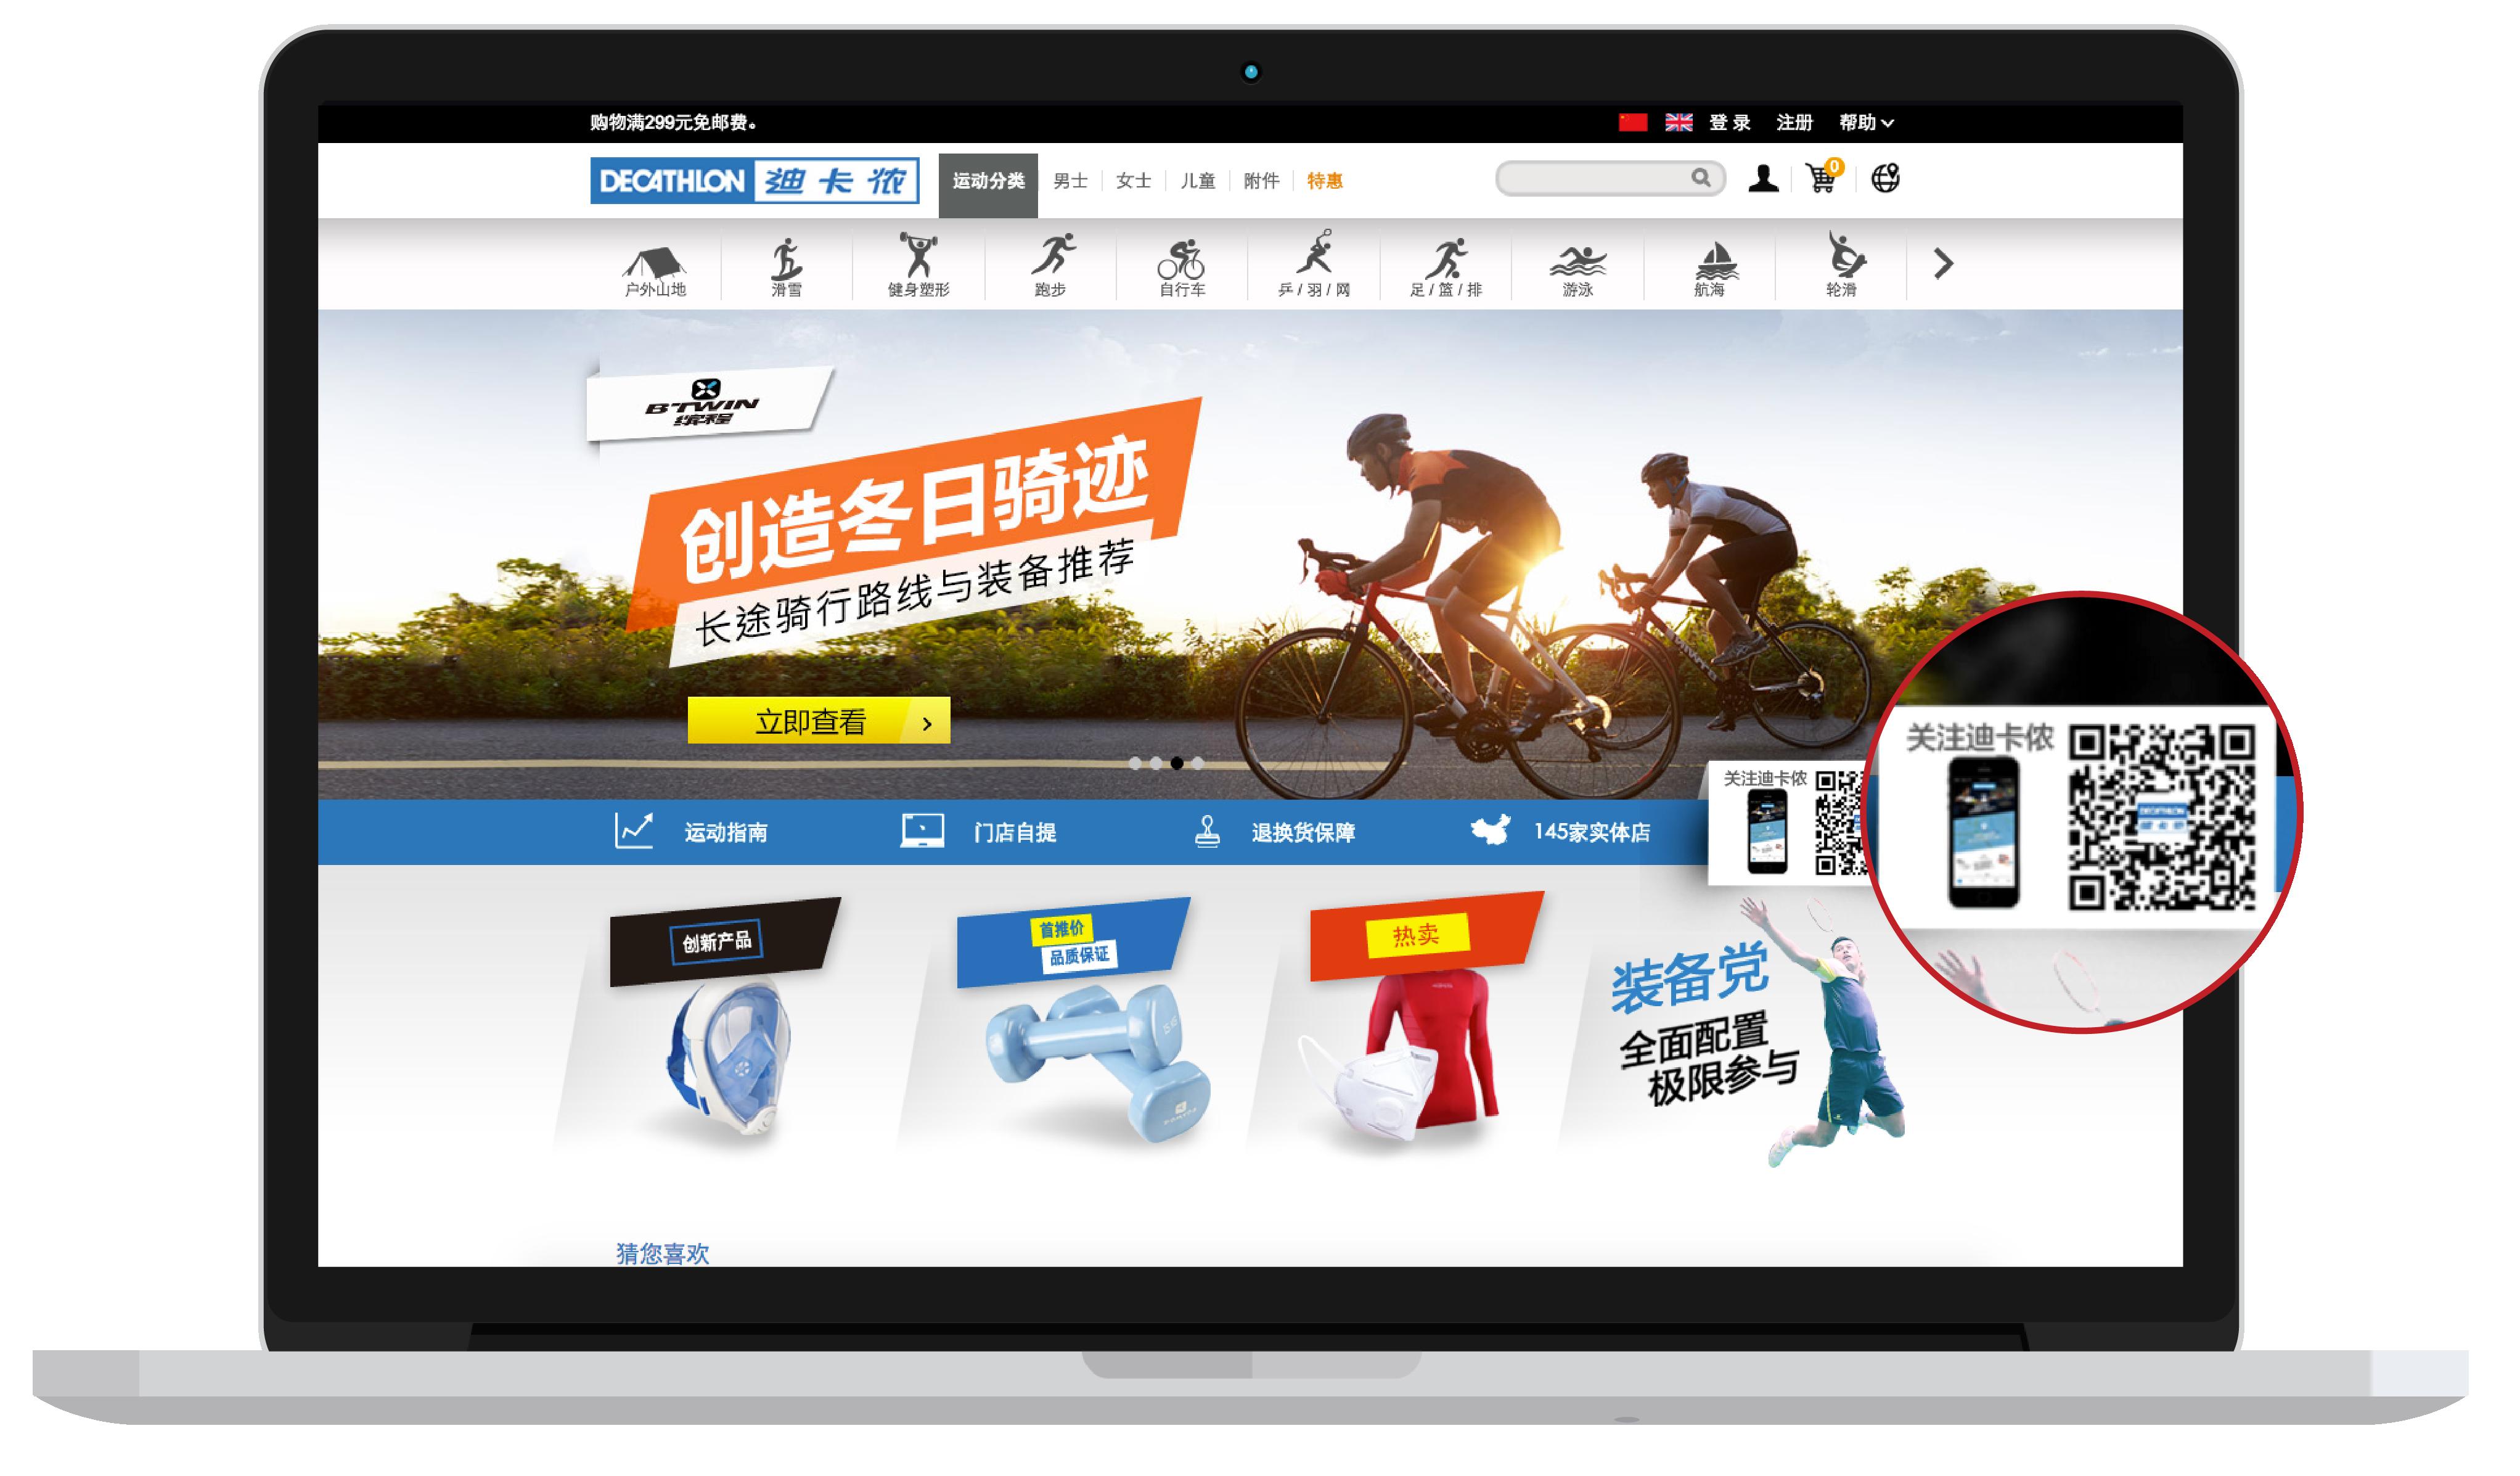 Decathlon's website